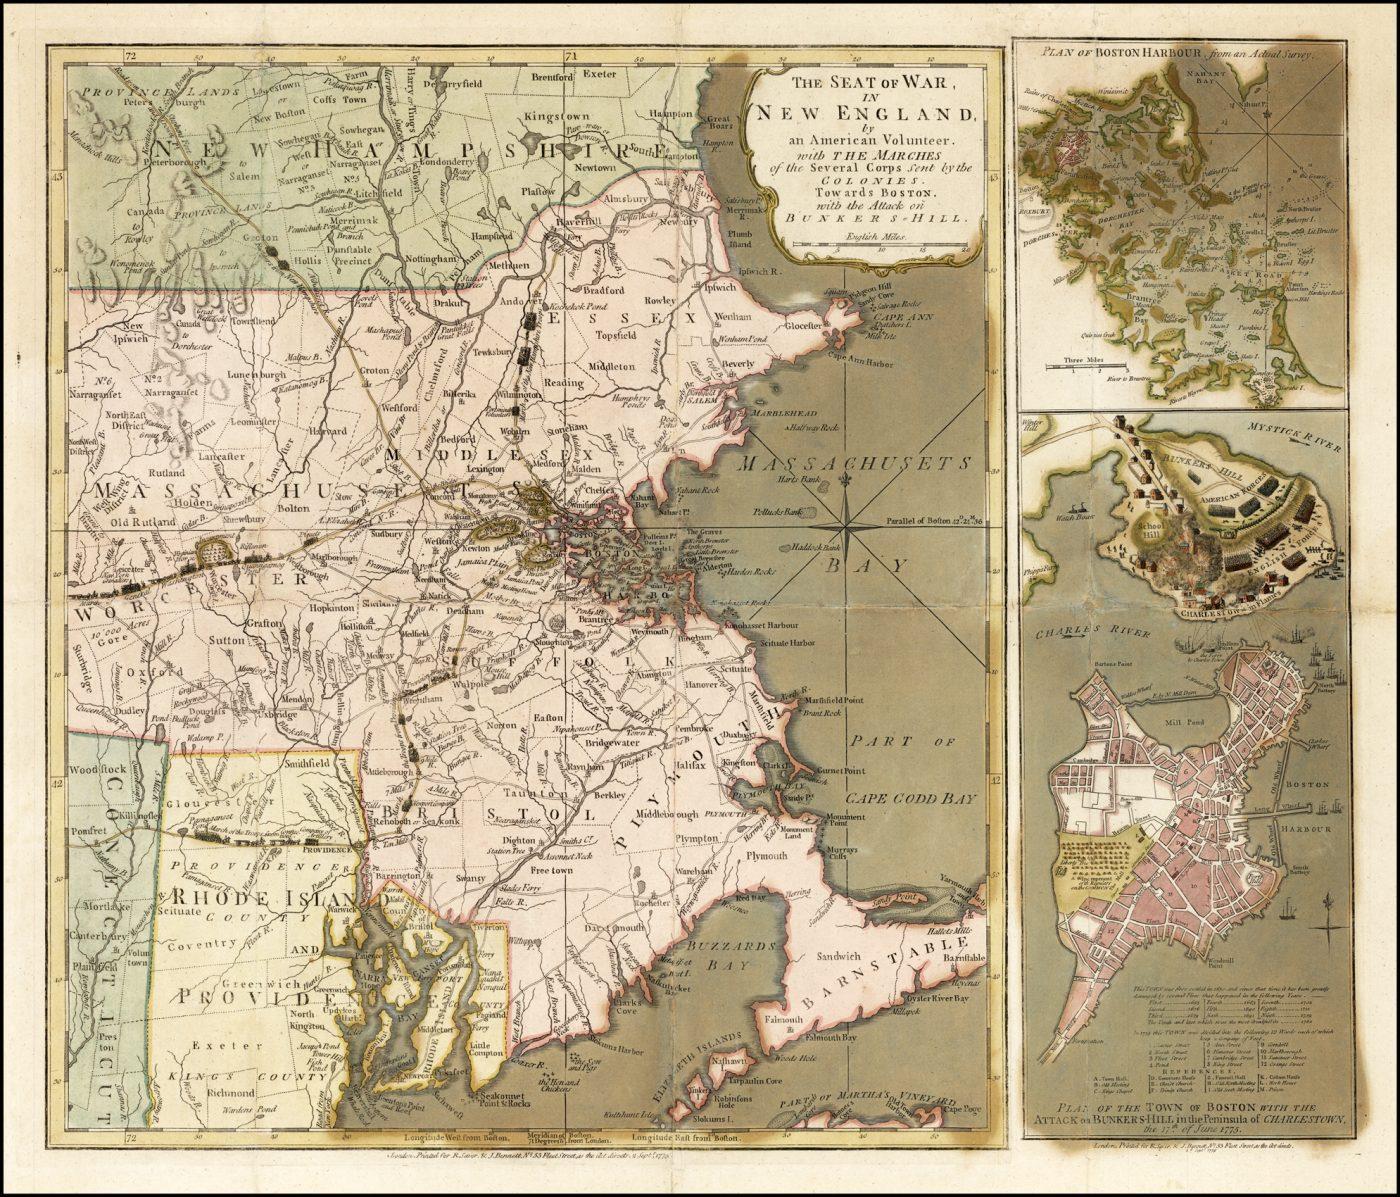 Важная ранняя бортовая карта и план битвы при Банкер-Хилле и окрестностях Бостона, опубликованные издательством Sayer & Bennett в Лондоне в 1775 году